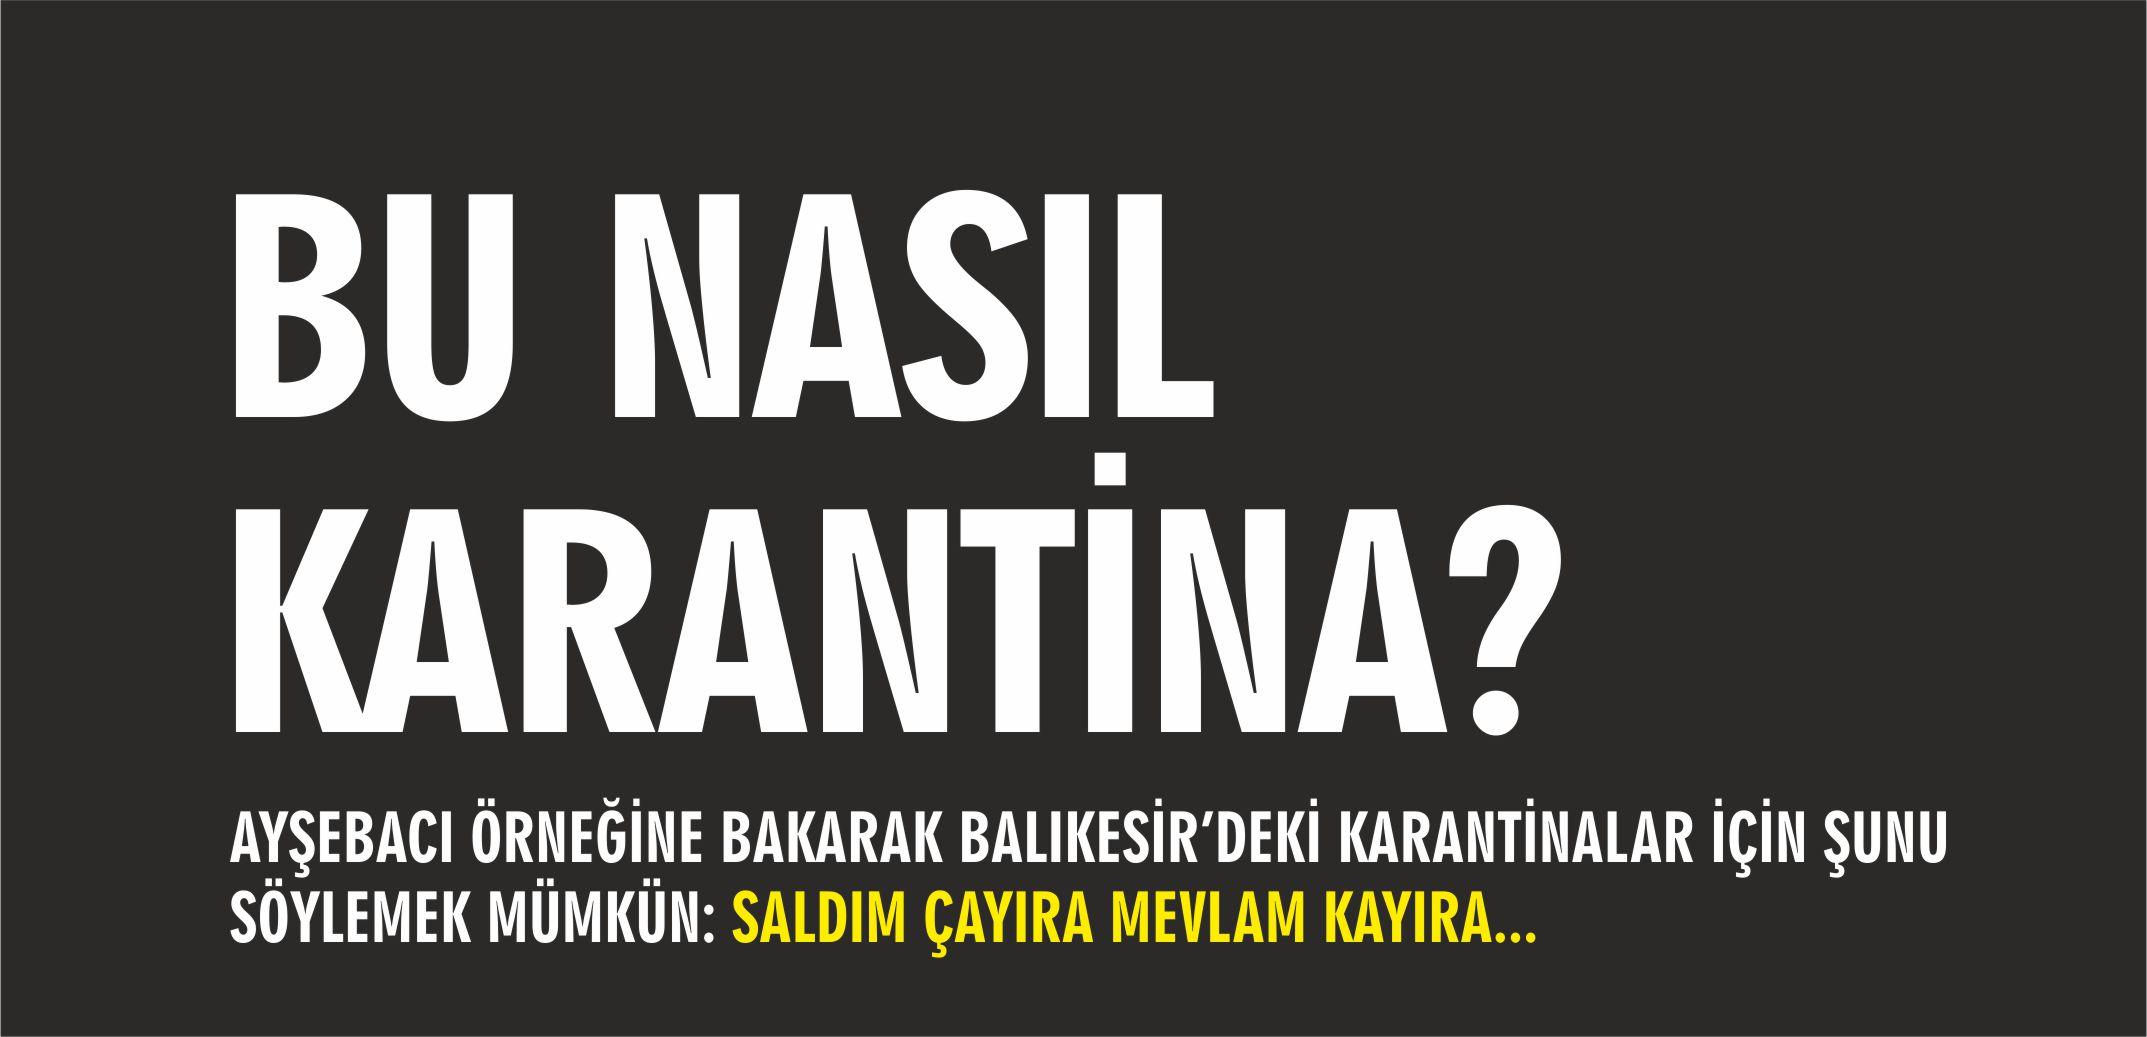 BALIKESİR'DEKİ KARANTİNA MANTIĞI: SALDIM ÇAYIRA MEVLAM KAYIRA!